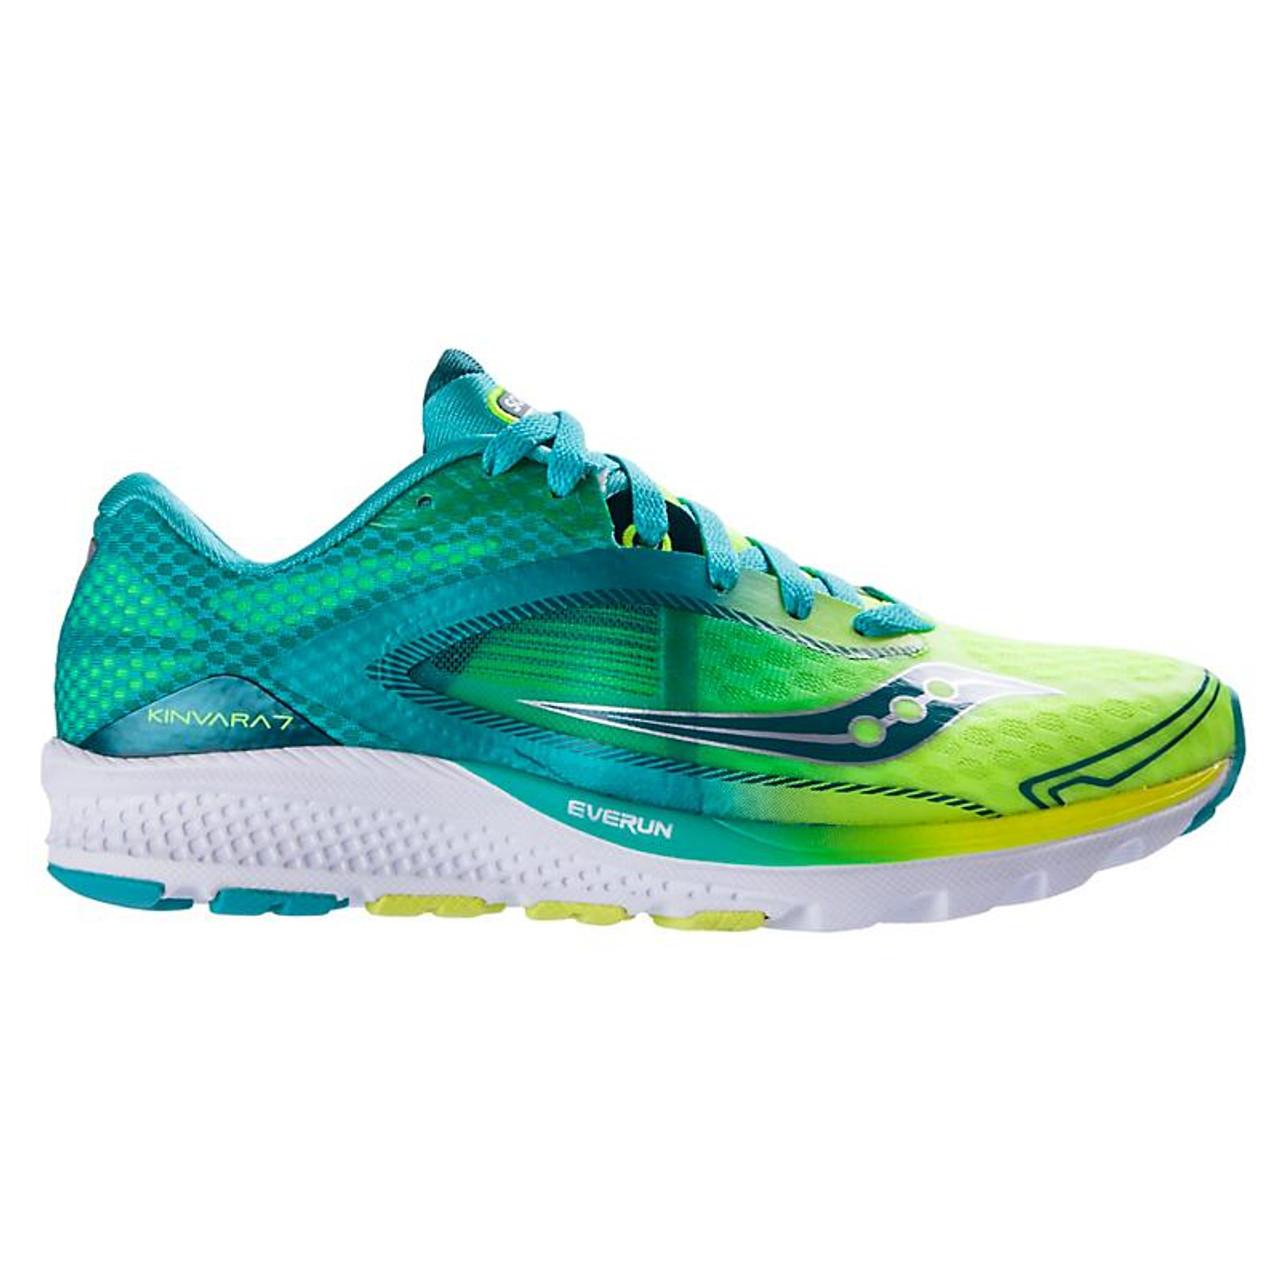 Women's Saucony Kinvara 7 Running Shoe